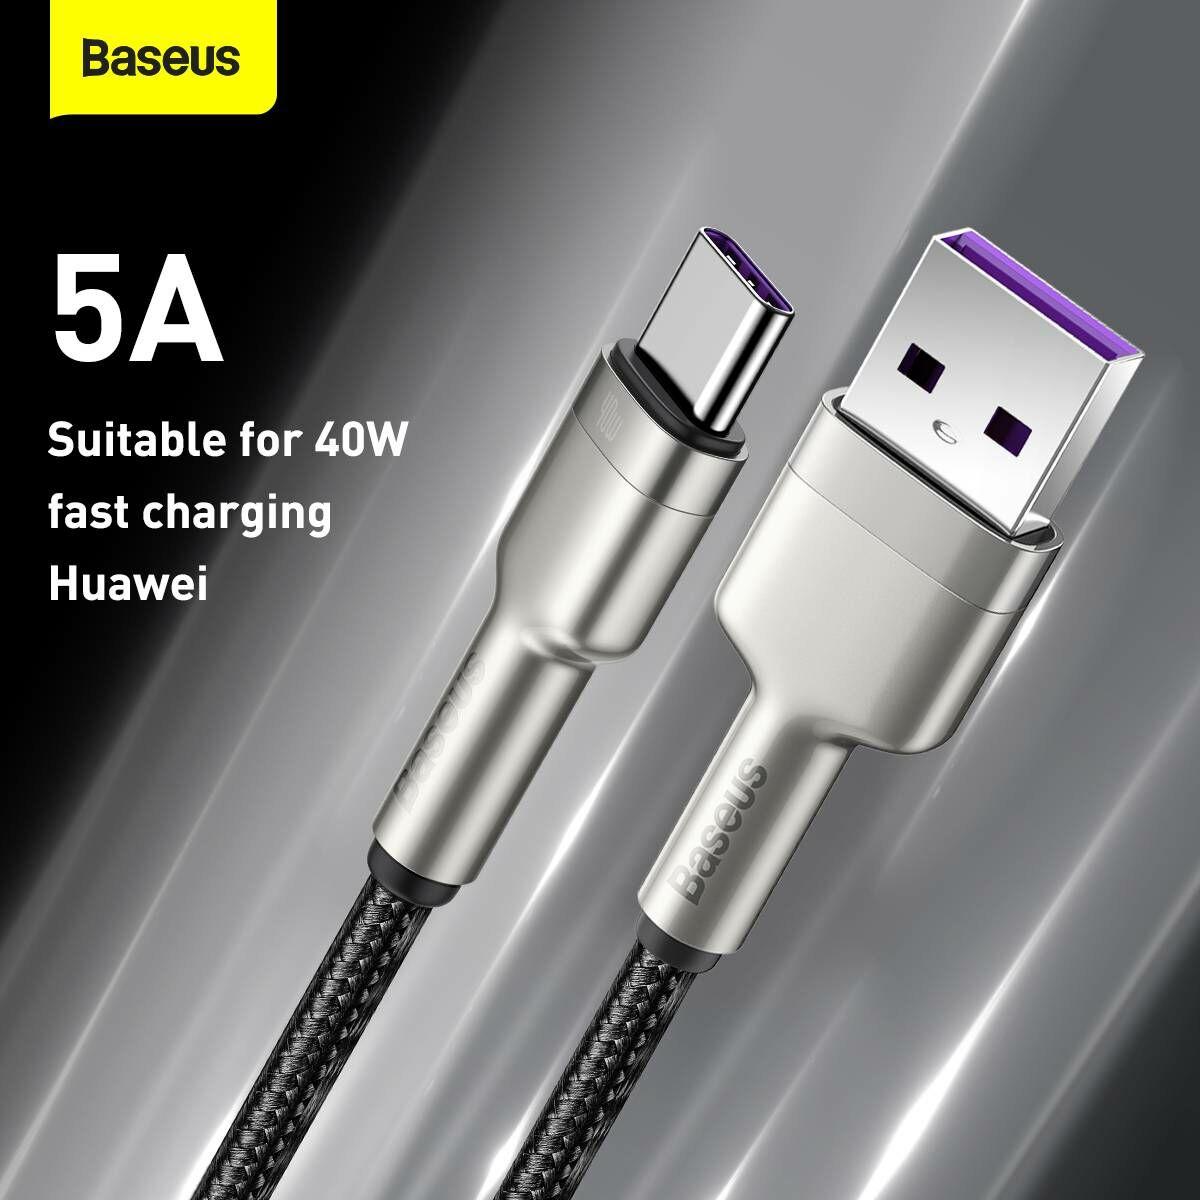 Baseus Type-C kábel, Cafule Series, gyorstötlő és adatkábel, 40W, 5A, 2m, fekete (CATJK-B01)